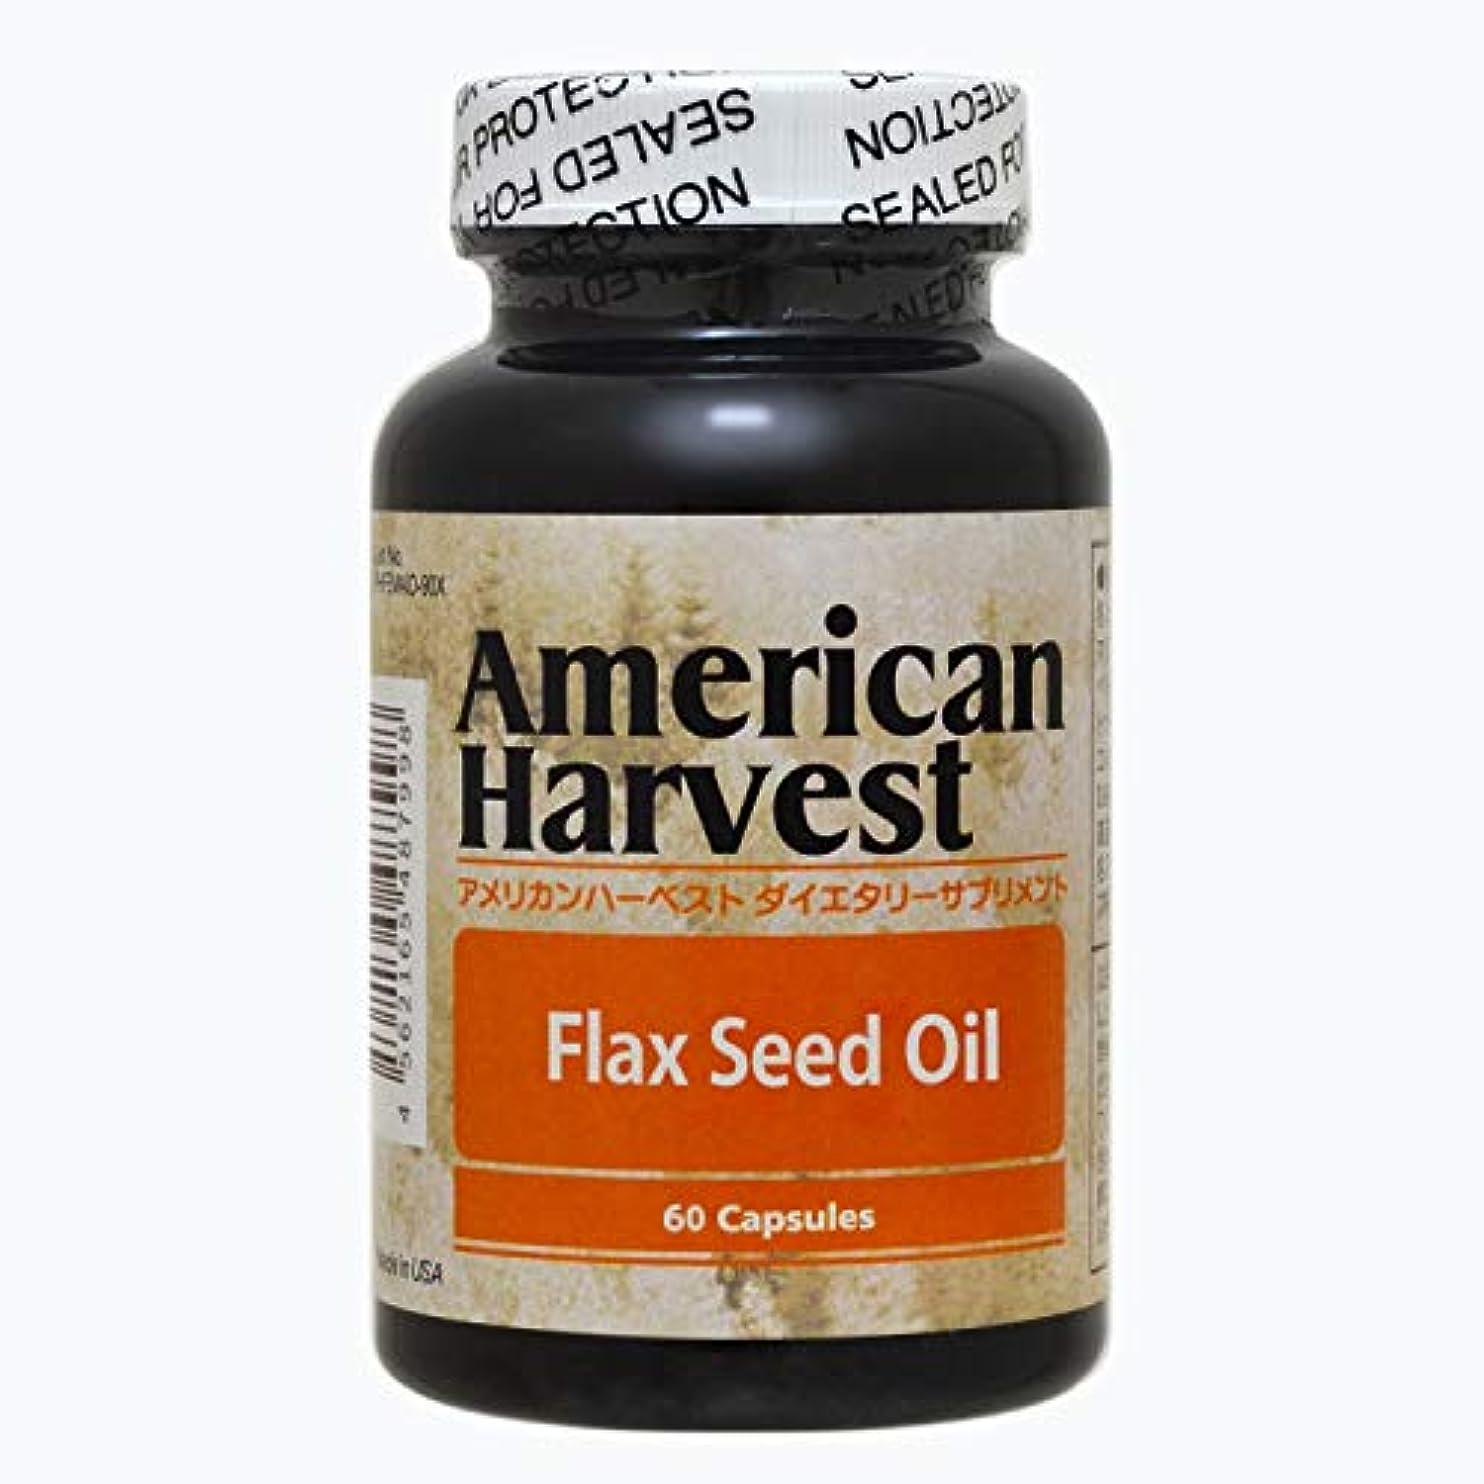 アメリカンハーベスト フラックスシードオイル(亜麻仁油) 60粒/約60日分